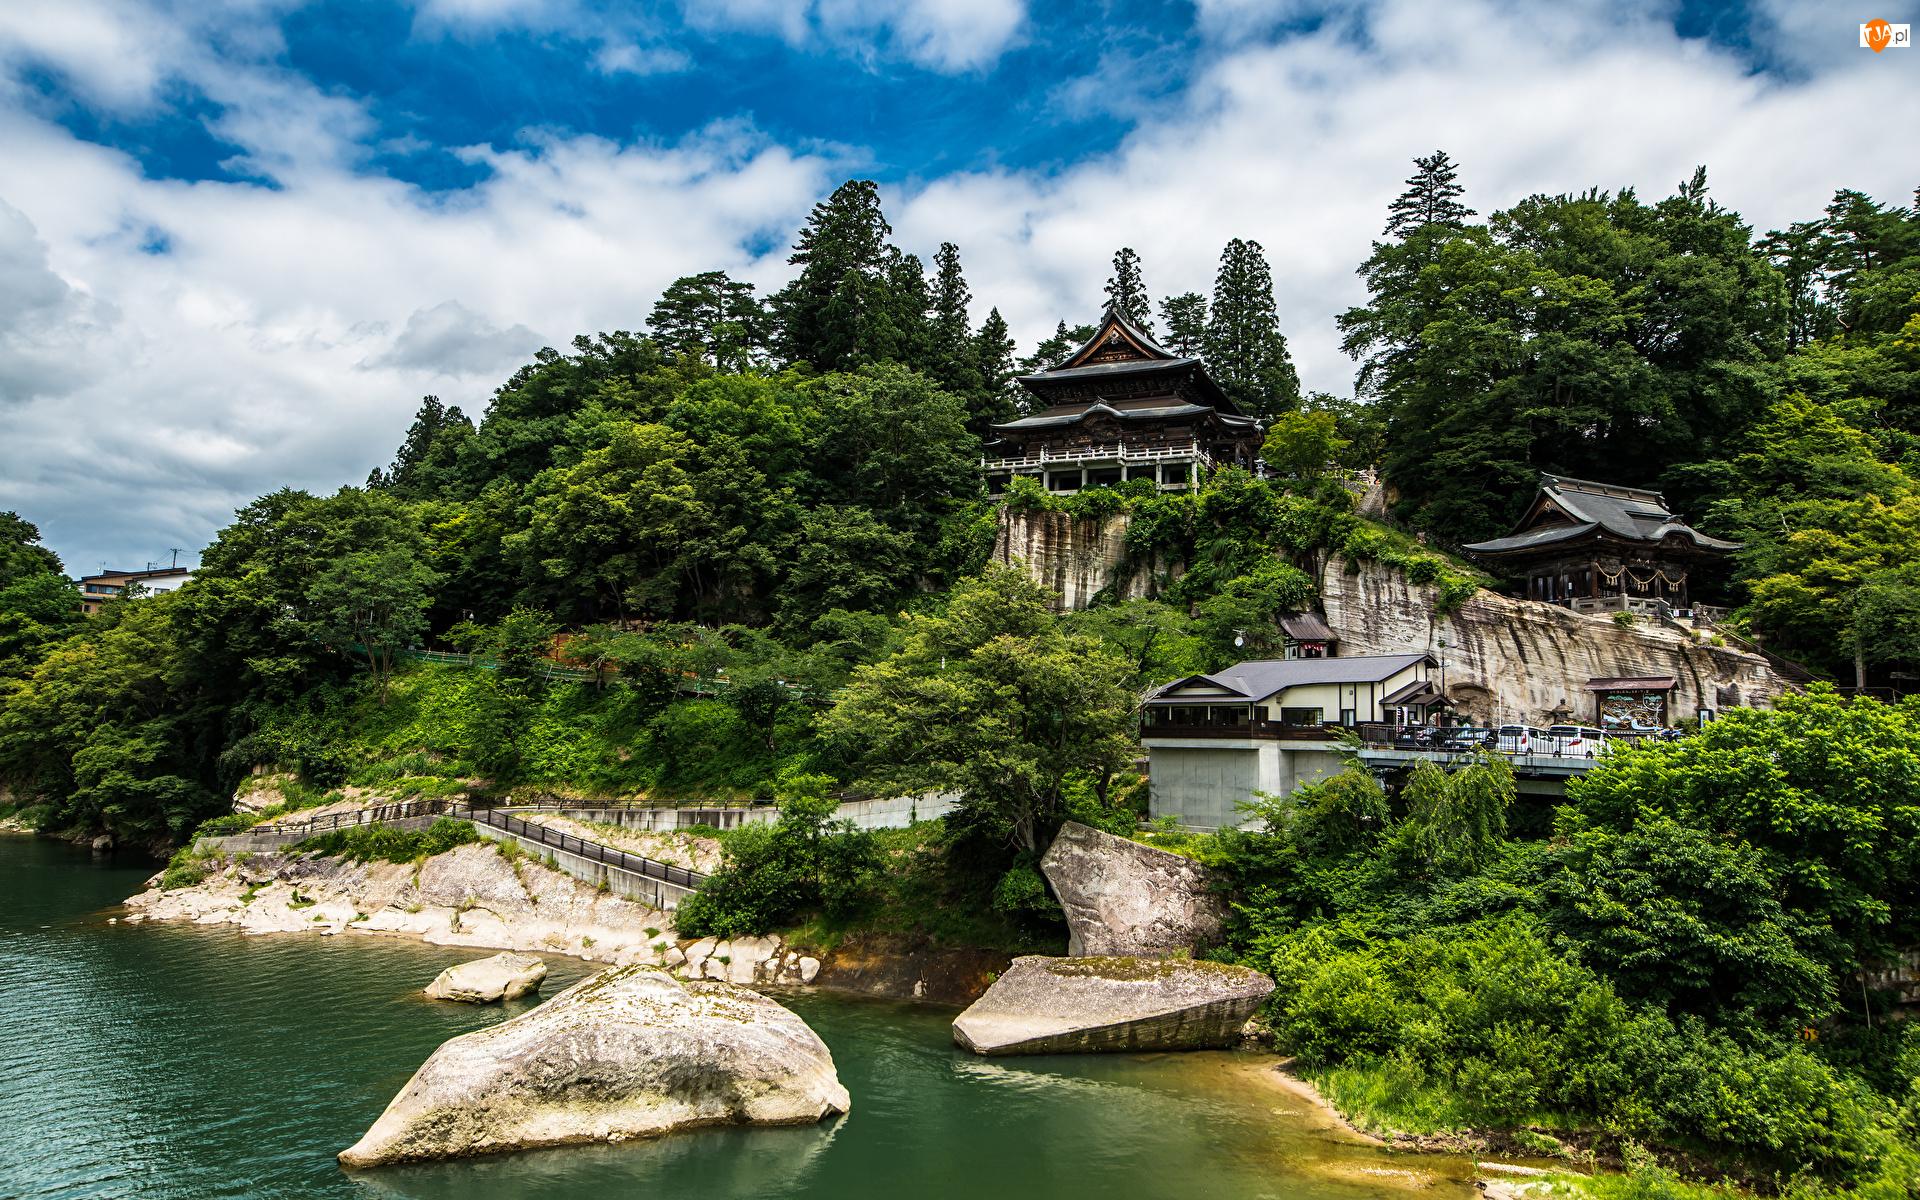 Świątynia, Japonia, Drzewa, Chmury, Tohoku, Kamienie